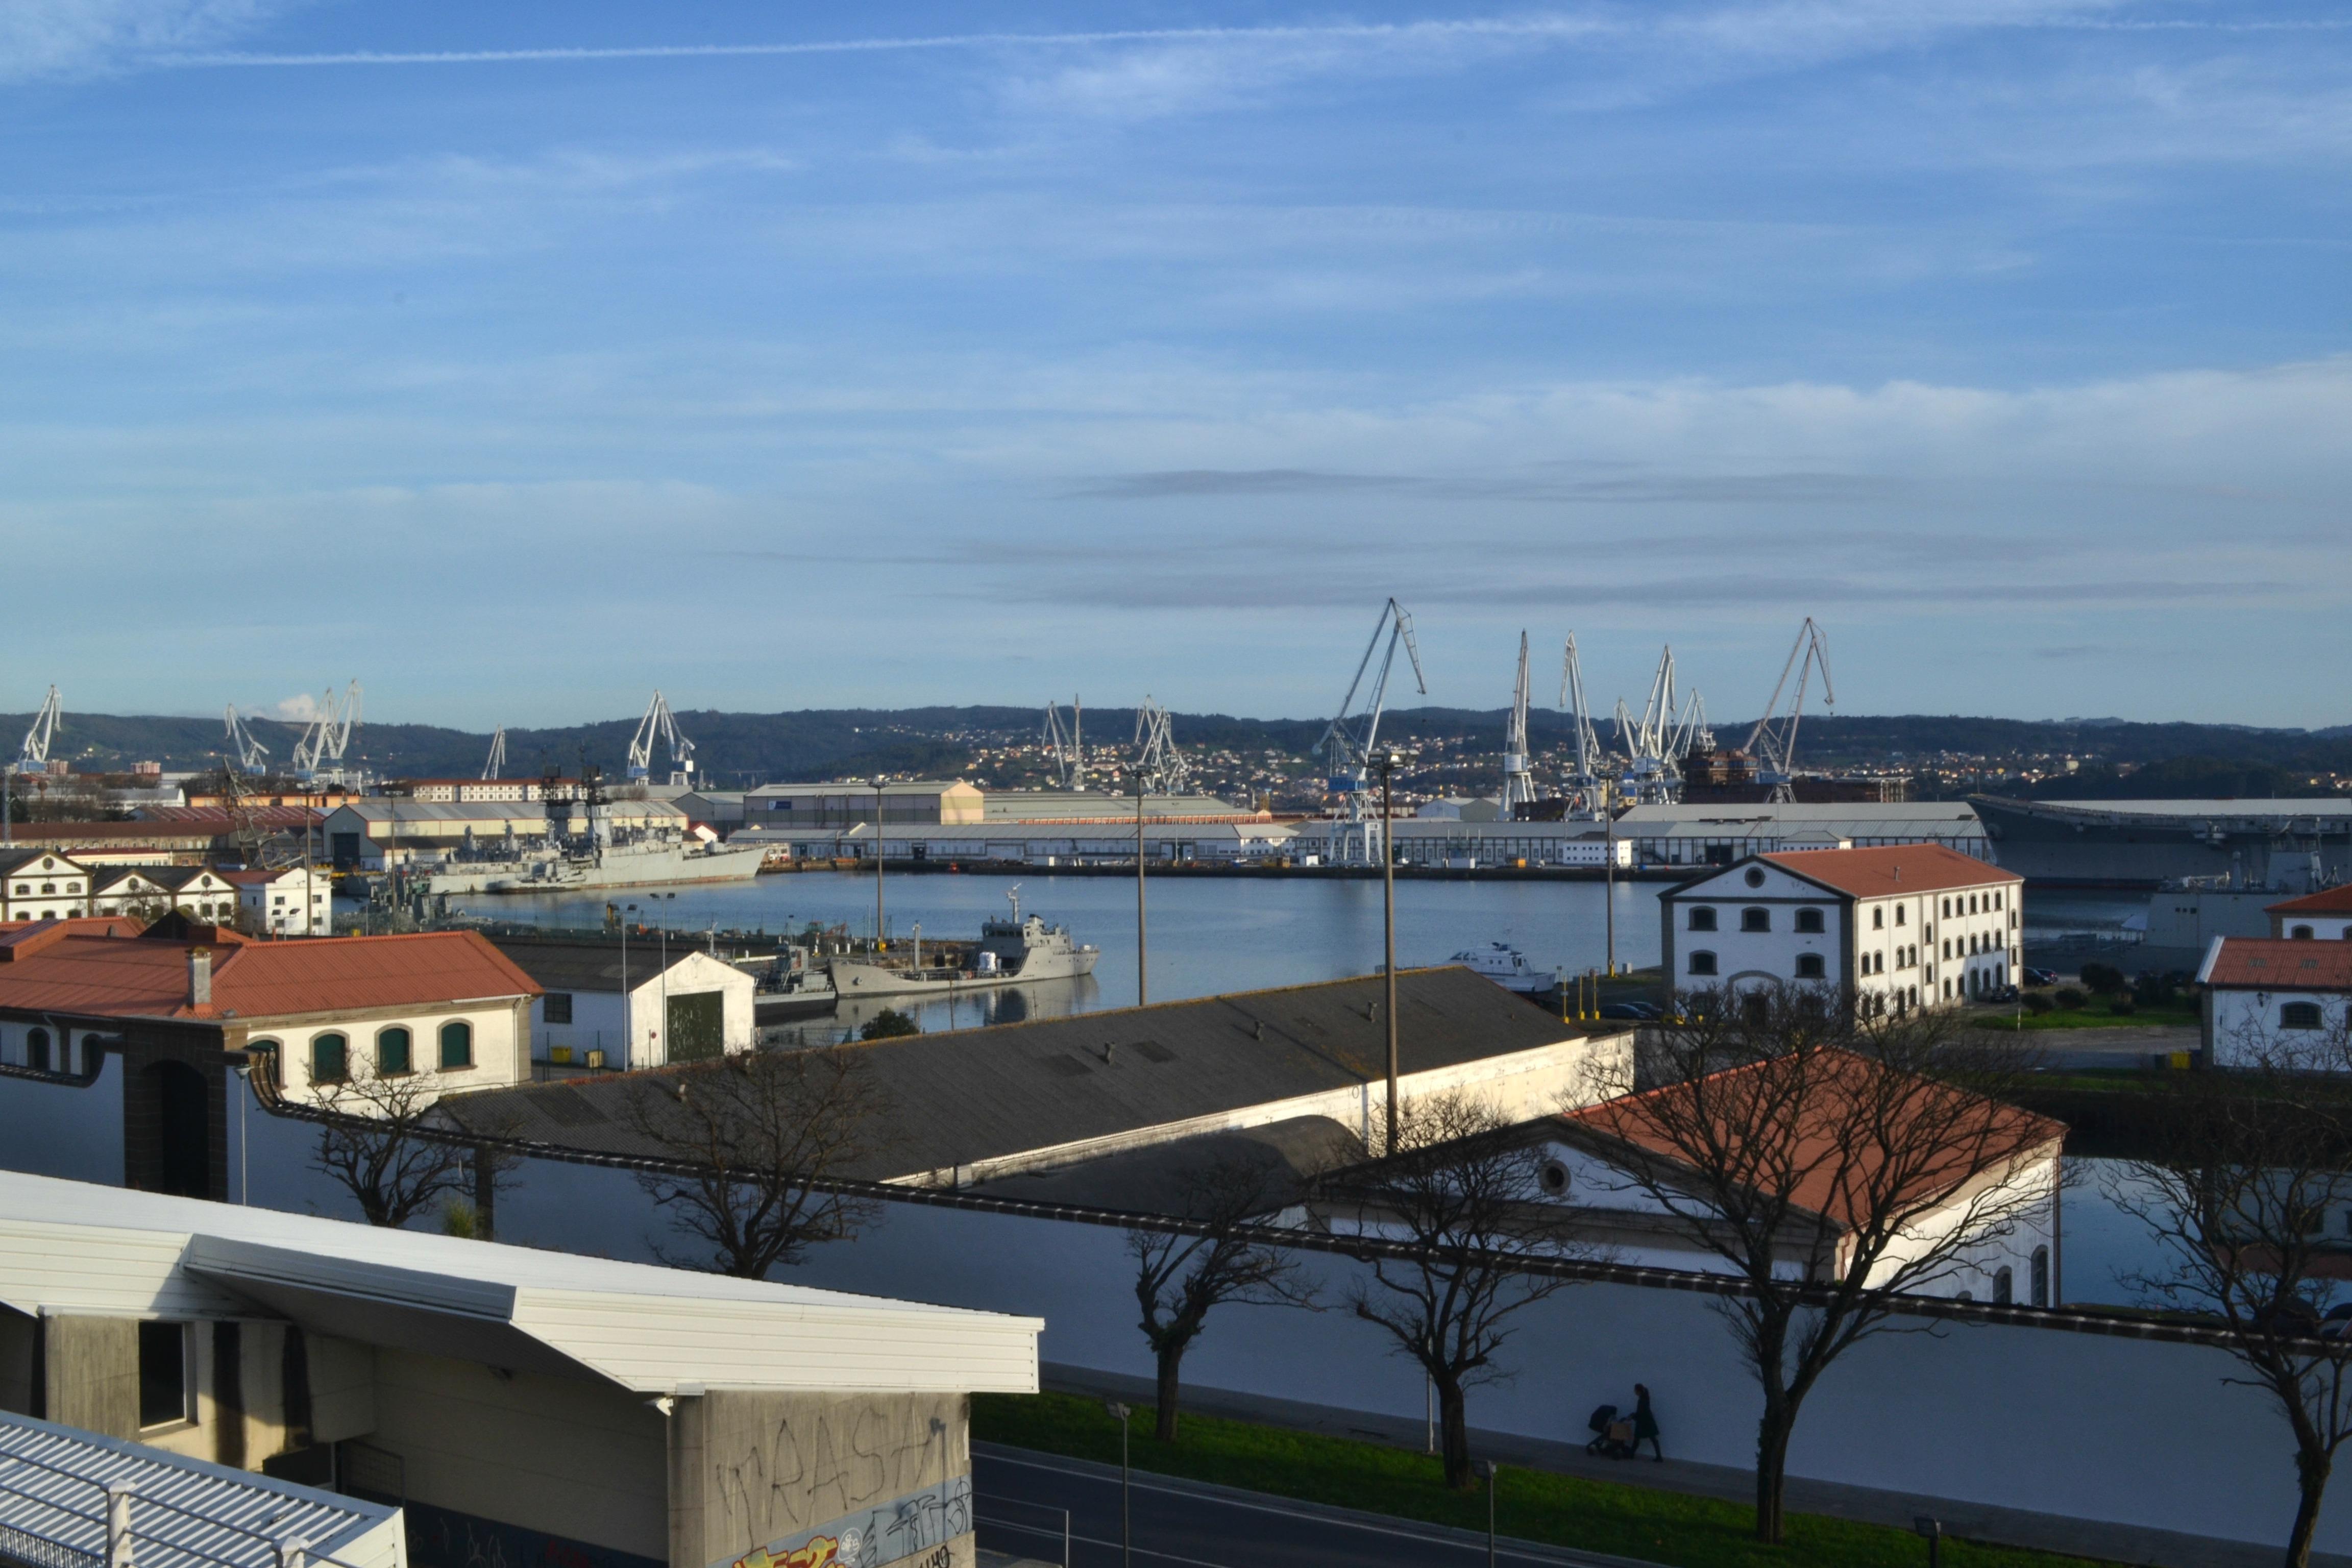 Los astilleros de Ferrol en la actualidad, un símbolo para la ciudad | ©Andrea Oca